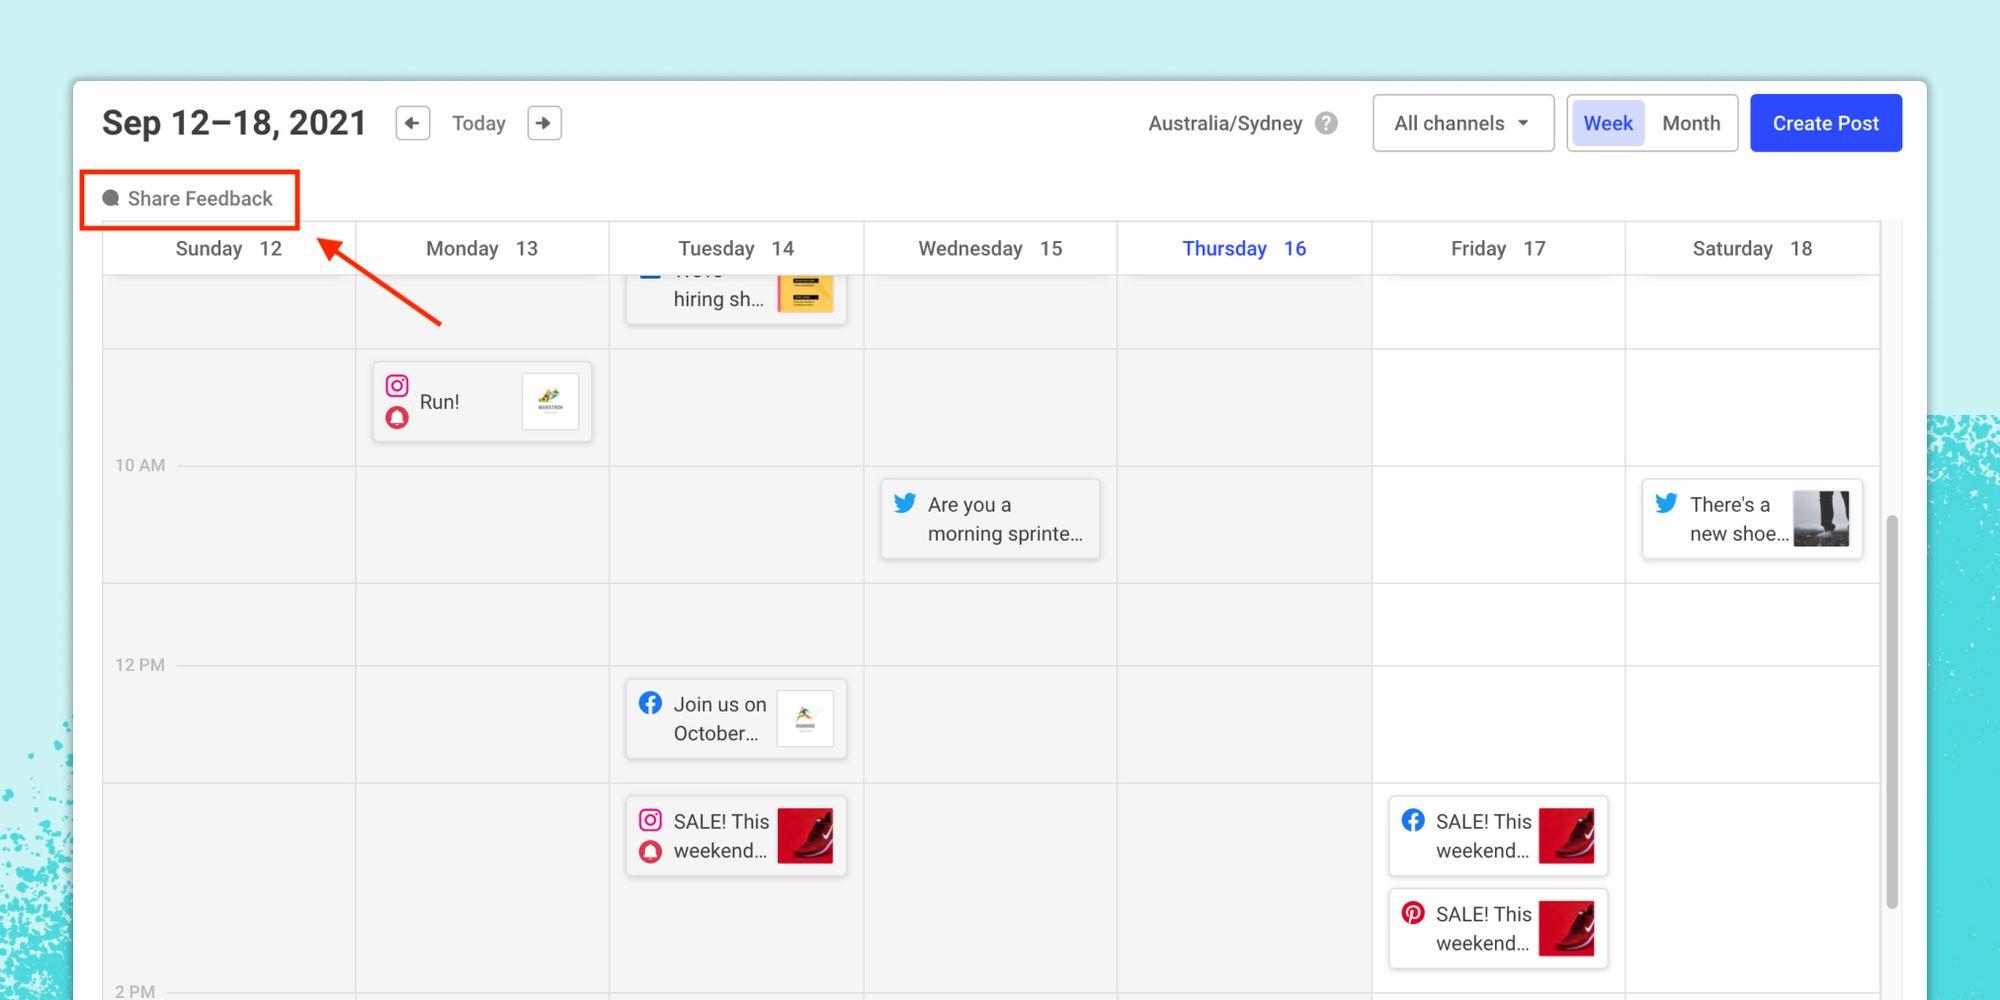 Introducing a New Social Media Calendar